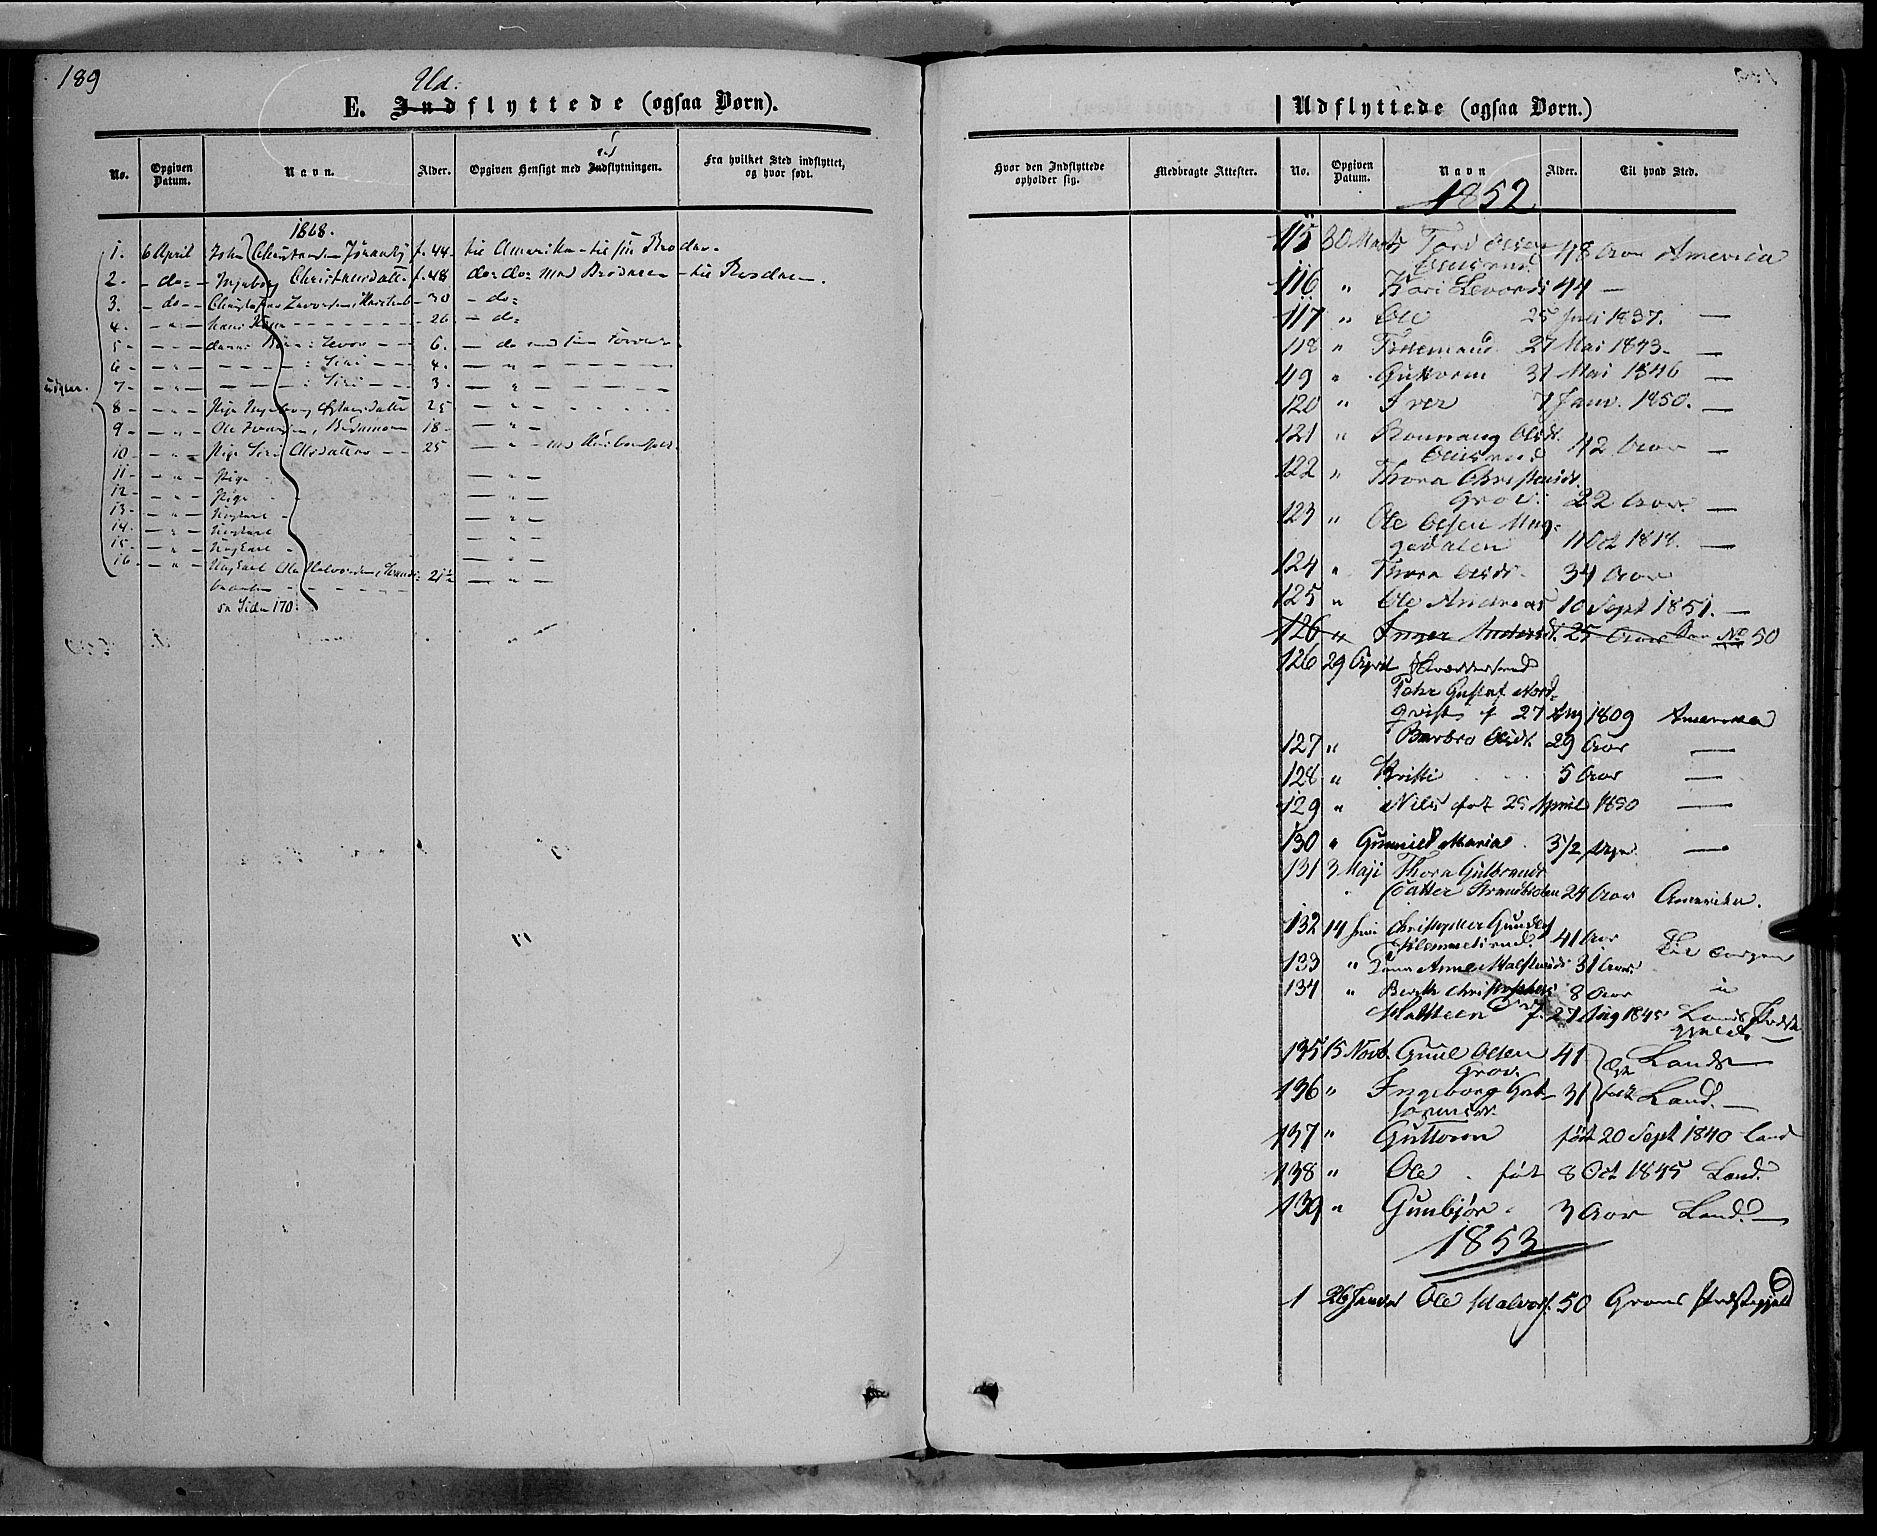 SAH, Sør-Aurdal prestekontor, Ministerialbok nr. 7, 1849-1876, s. 189